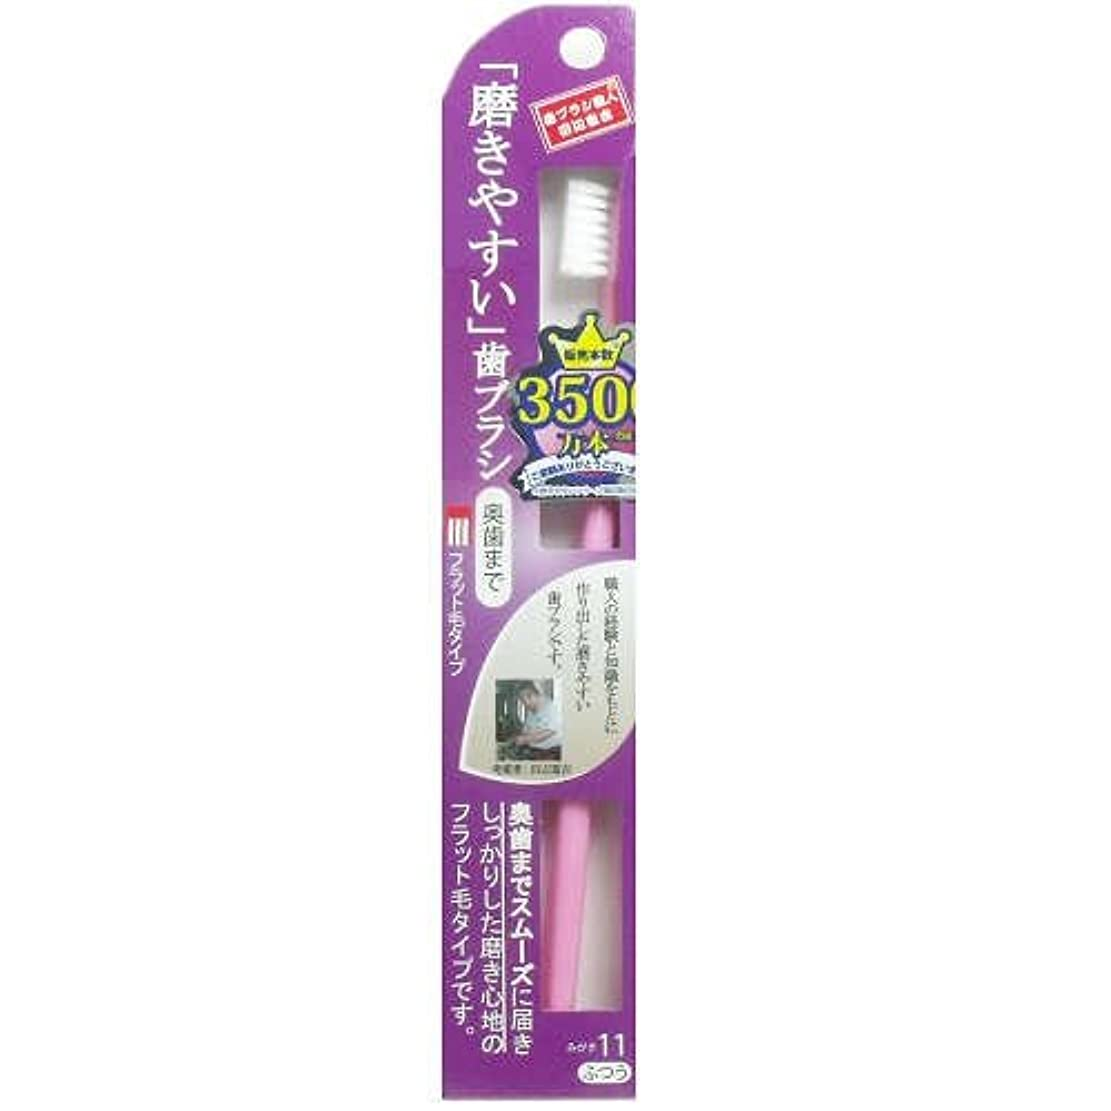 マーガレットミッチェルアレキサンダーグラハムベルキャラバン磨きやすい歯ブラシ 奥歯まで フラットタイプ 1本入 LT-11:ピンク